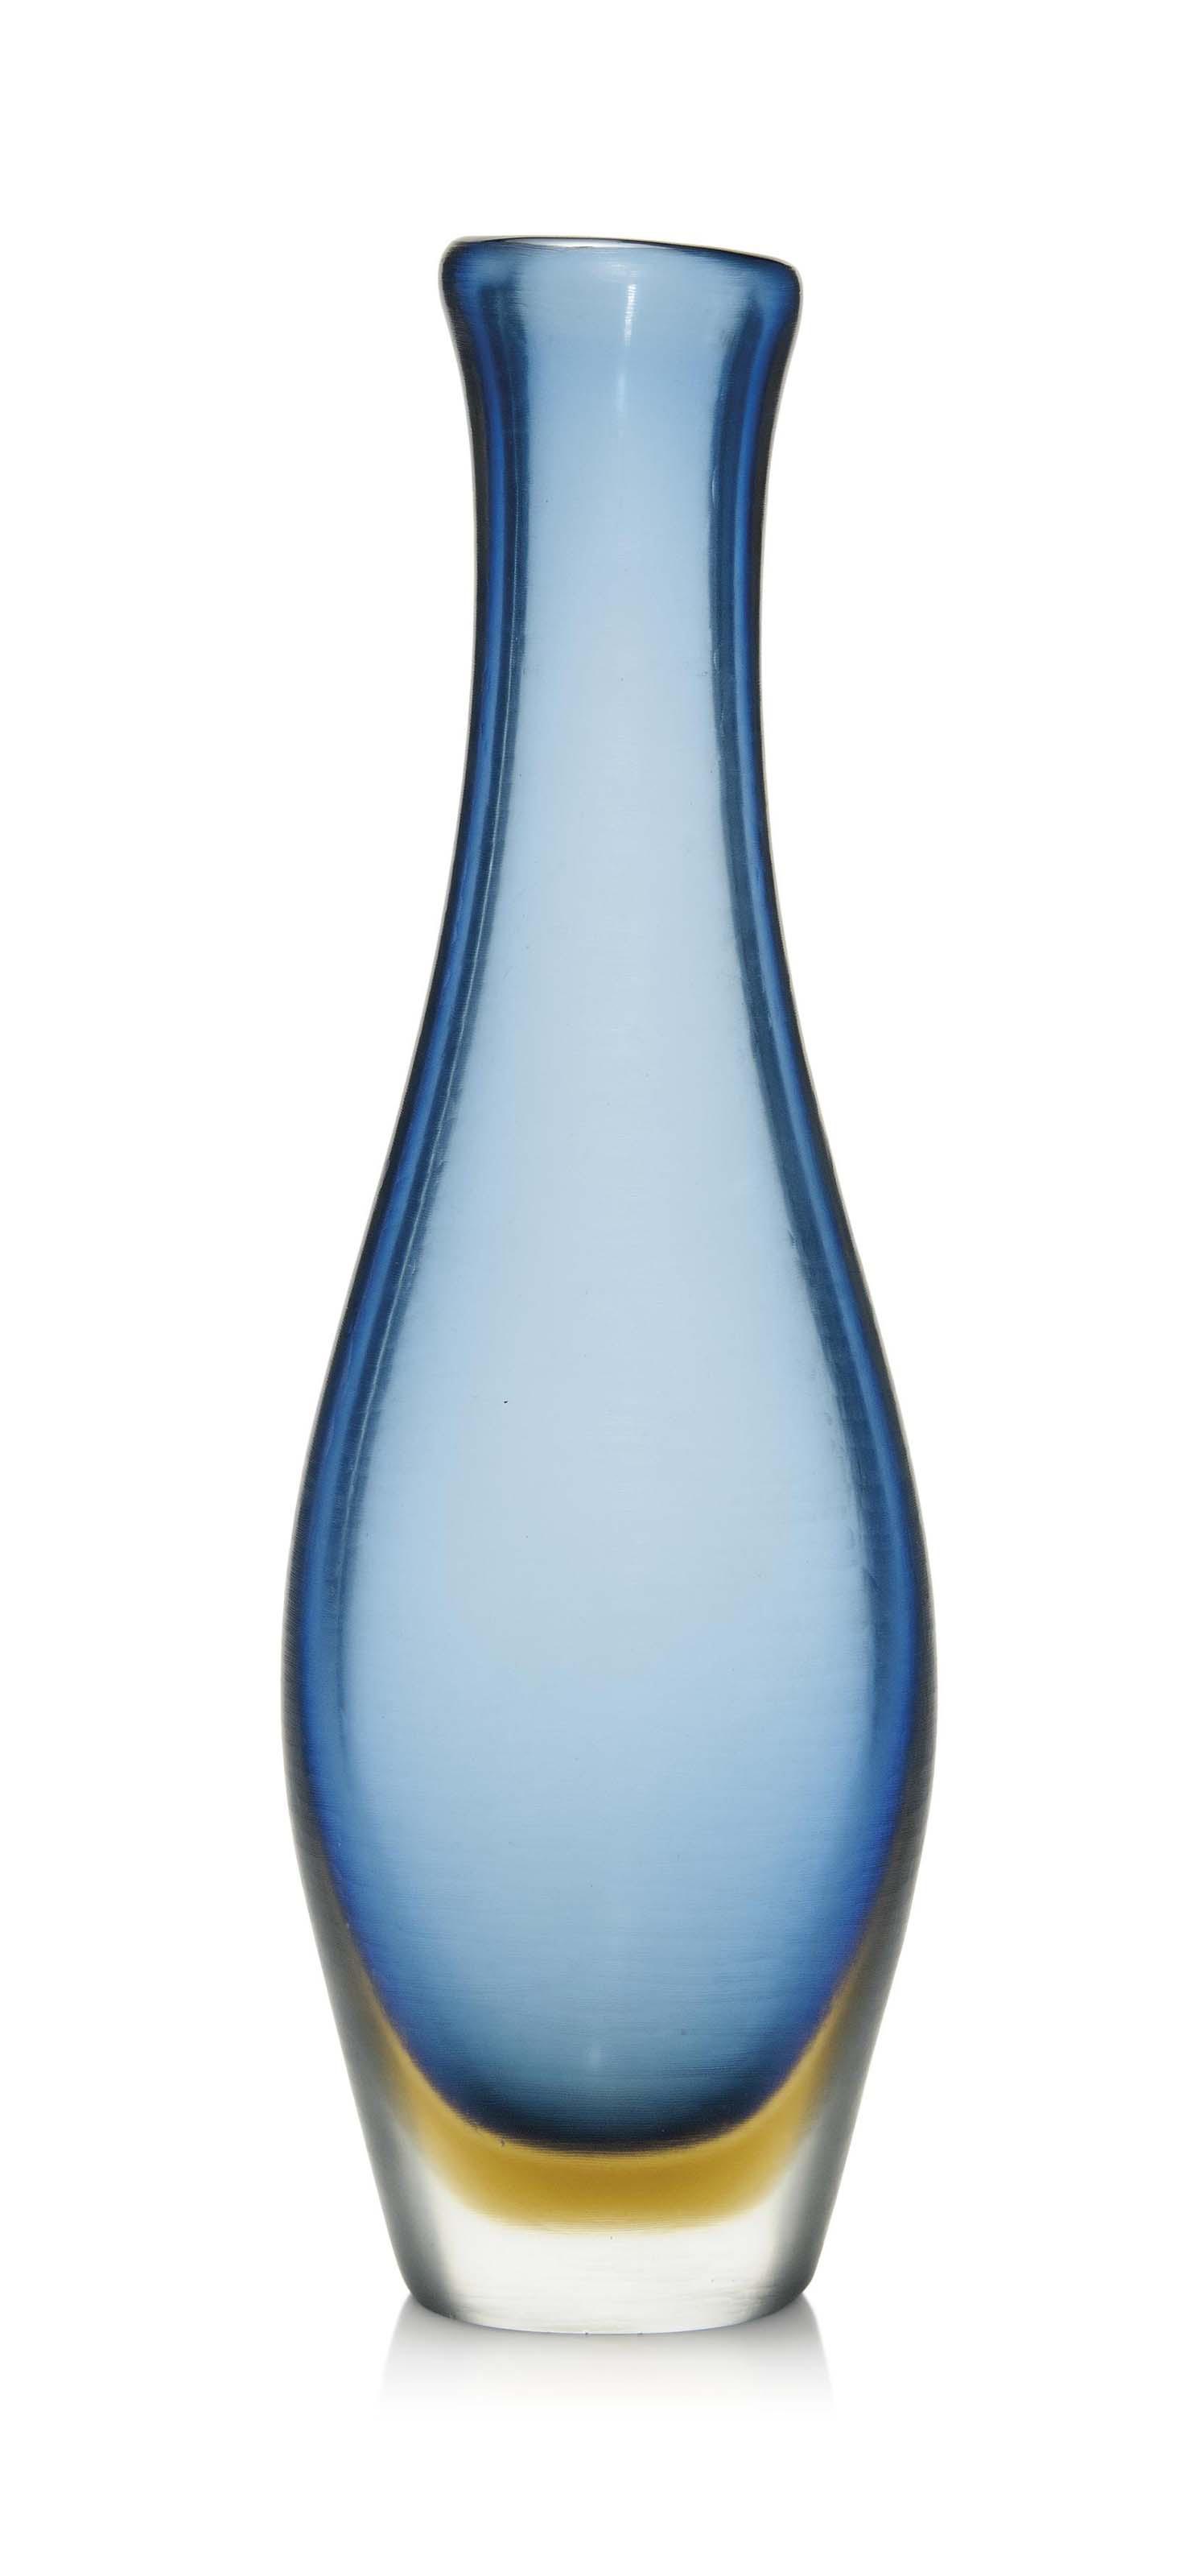 A PAOLO VENINI 'INCISO' GLASS